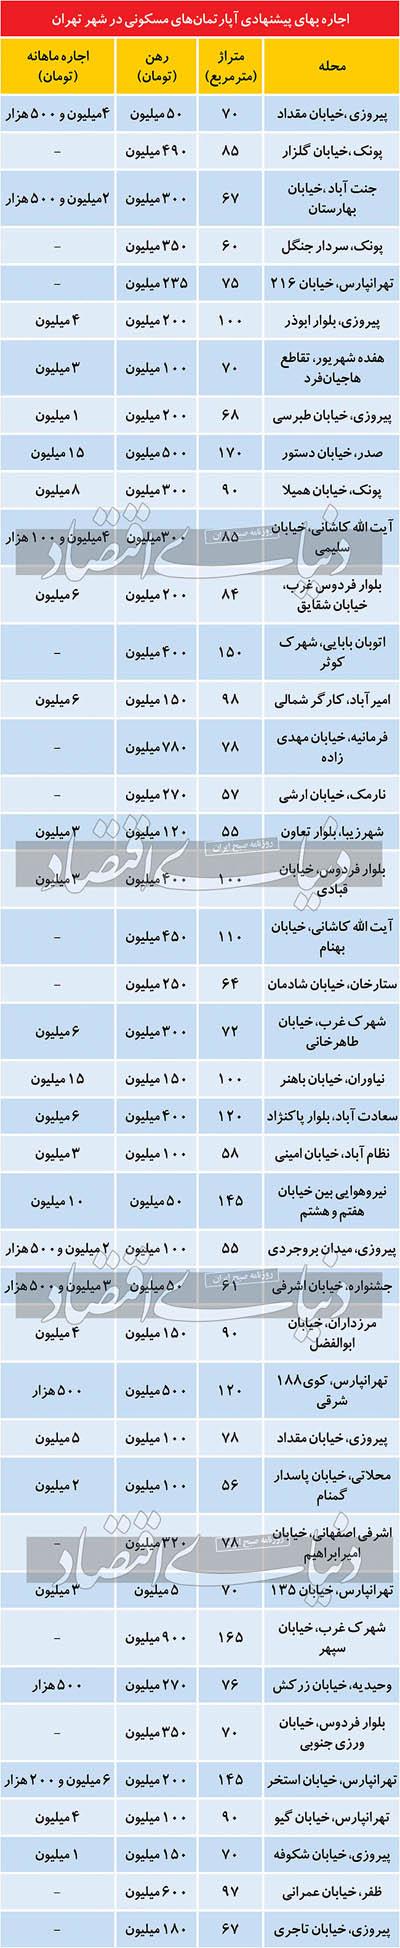 قیمت رهن و اجاره مسکن در تهران